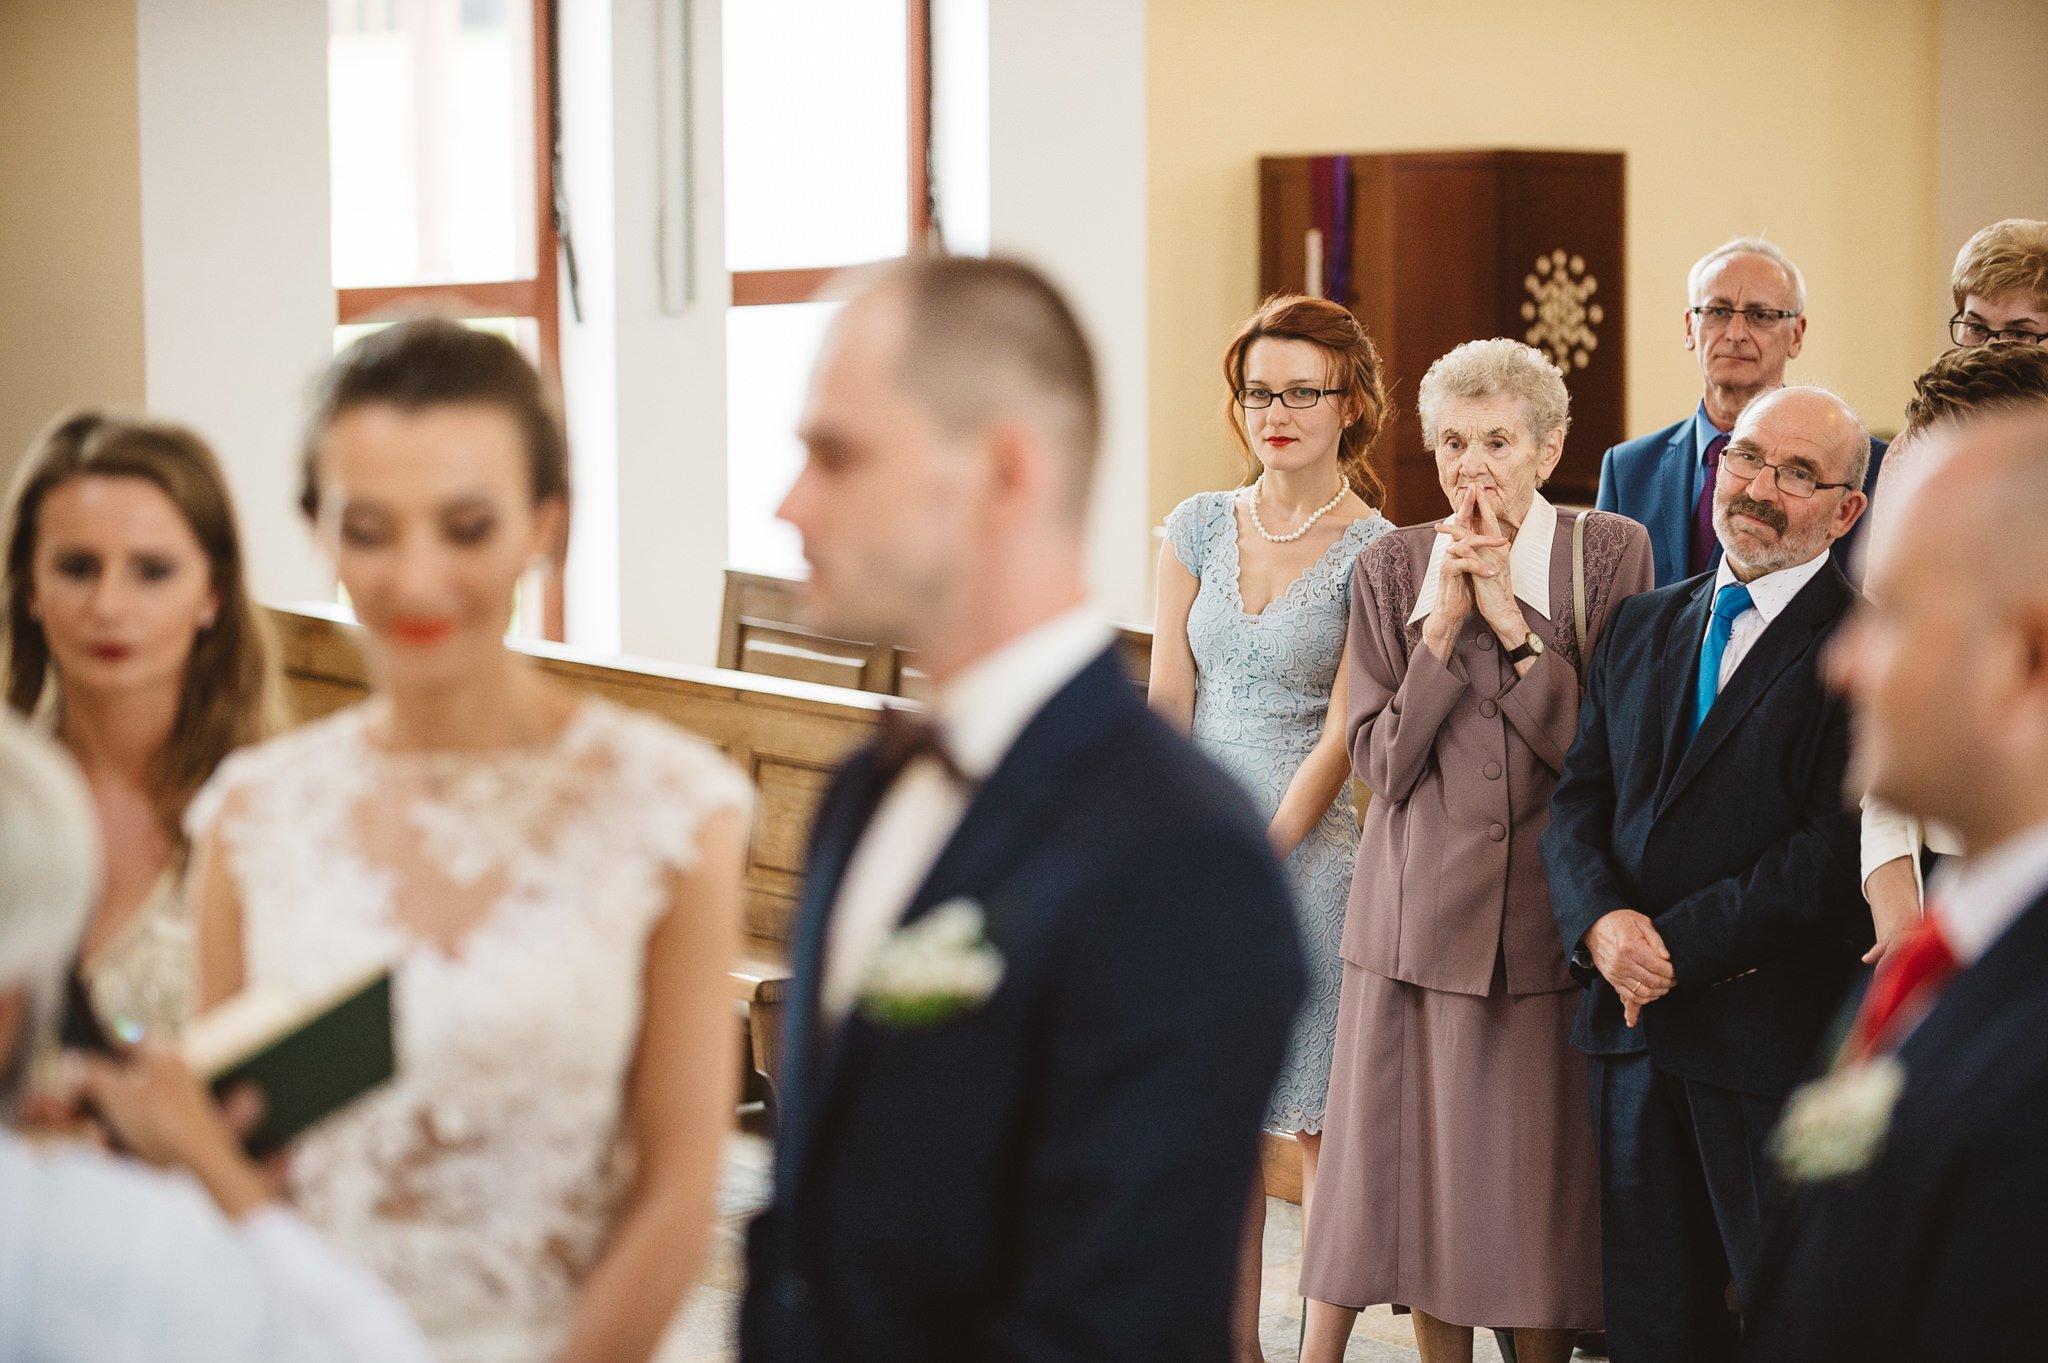 Ala i Arek, czyli jak zorganizować ślub i wesele w 4 tygodnie! 93